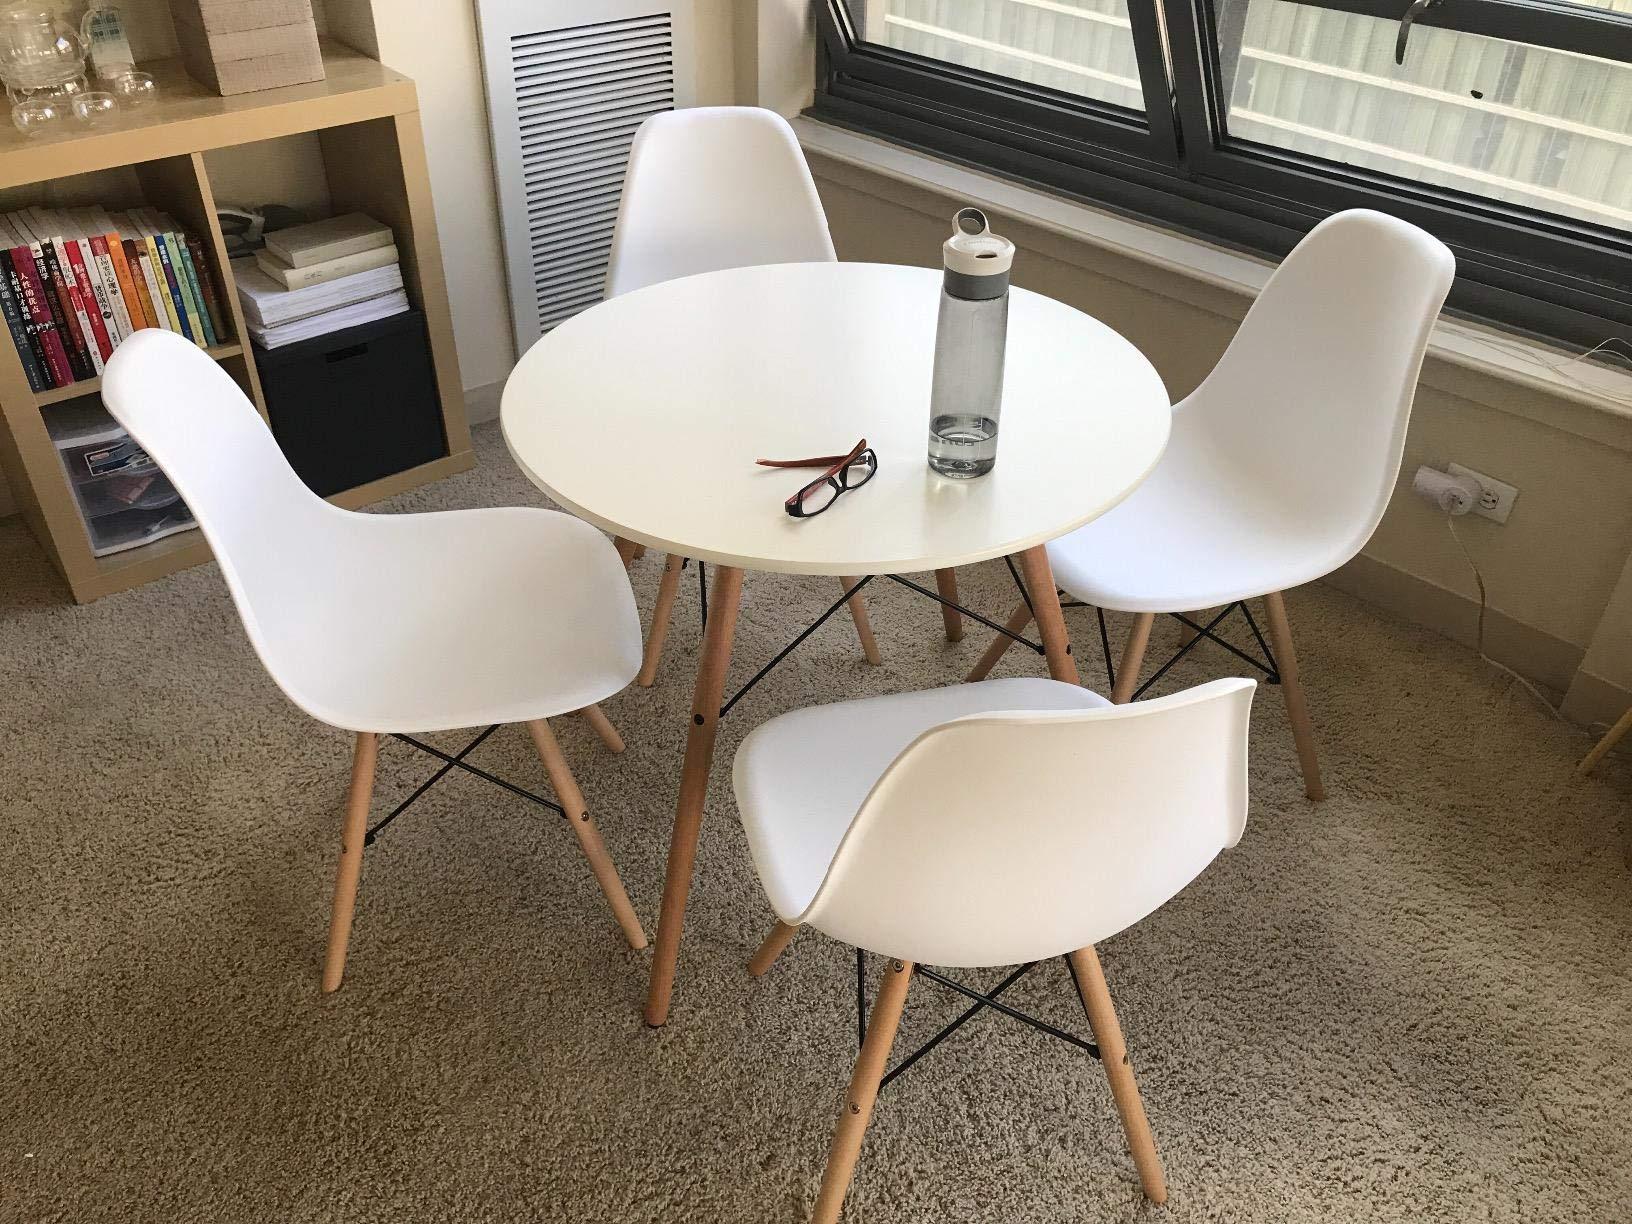 Tavolini In Legno Bianco : Tavolino da cucina tavolino da cucina rotondo tavolino da cucina